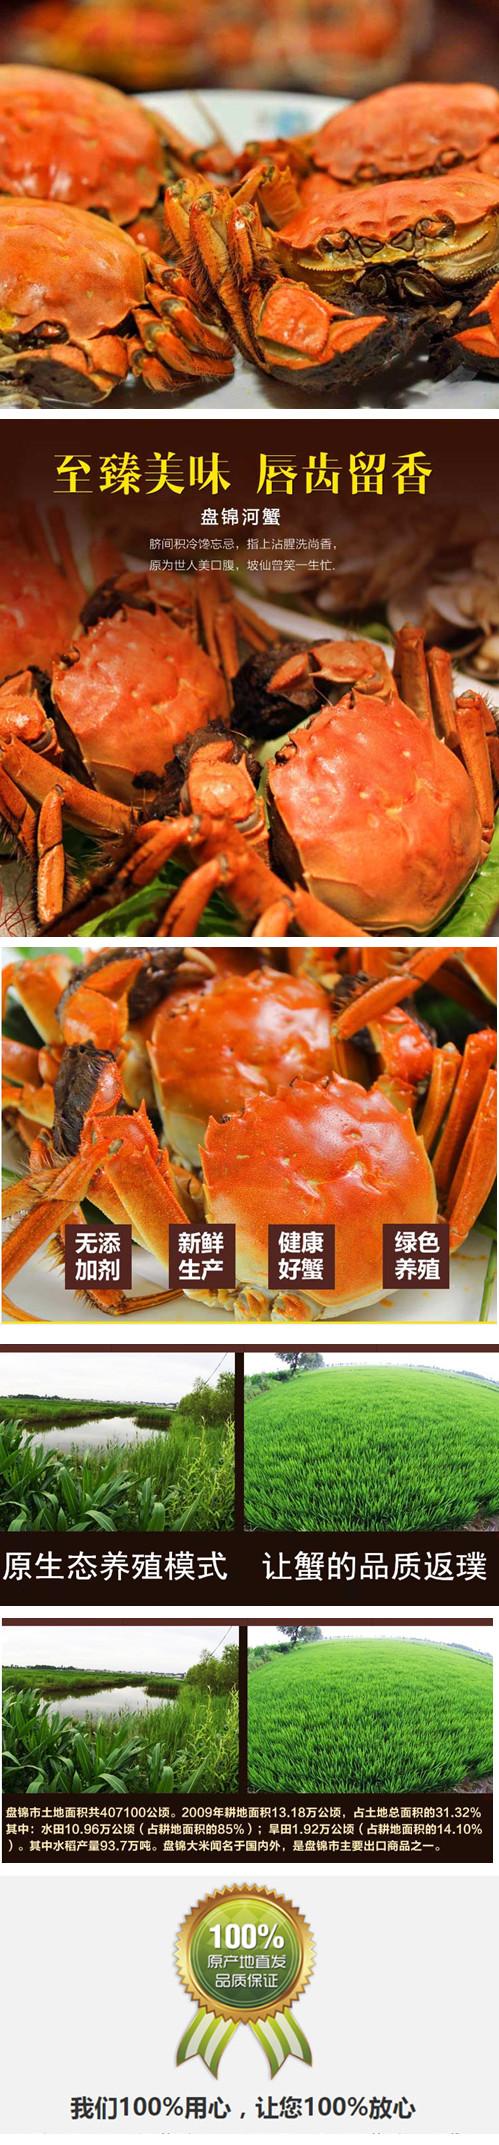 盤錦河蟹什麼時候肥